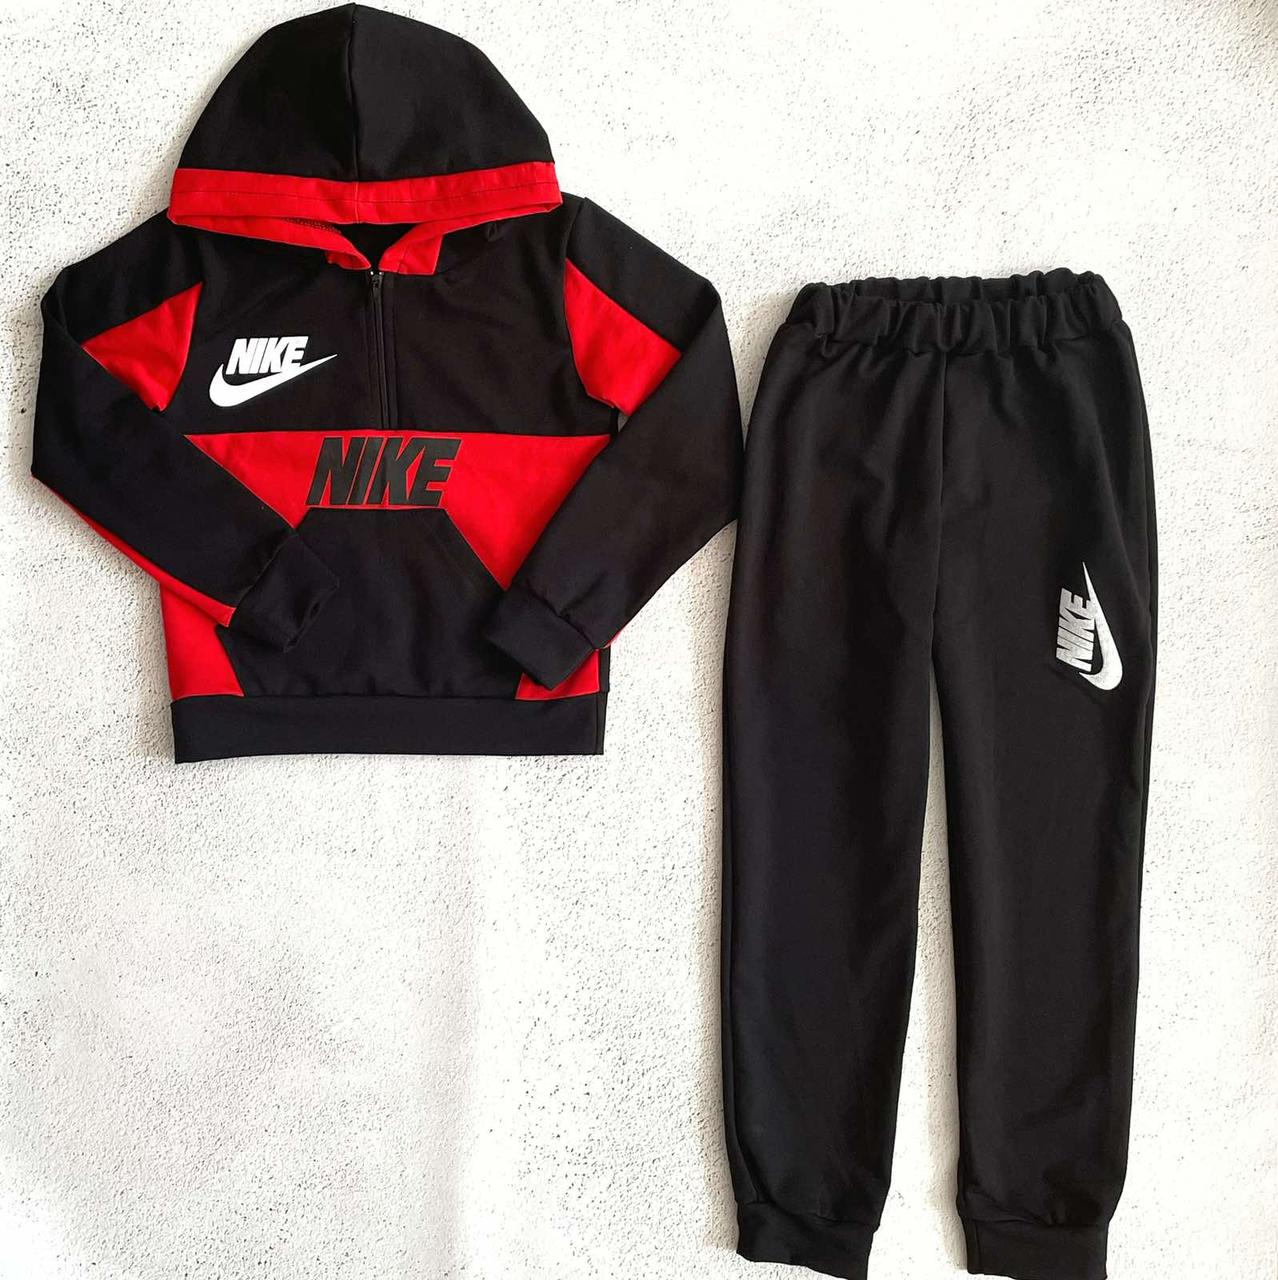 Підлітковий спортивний костюм для хлопчика